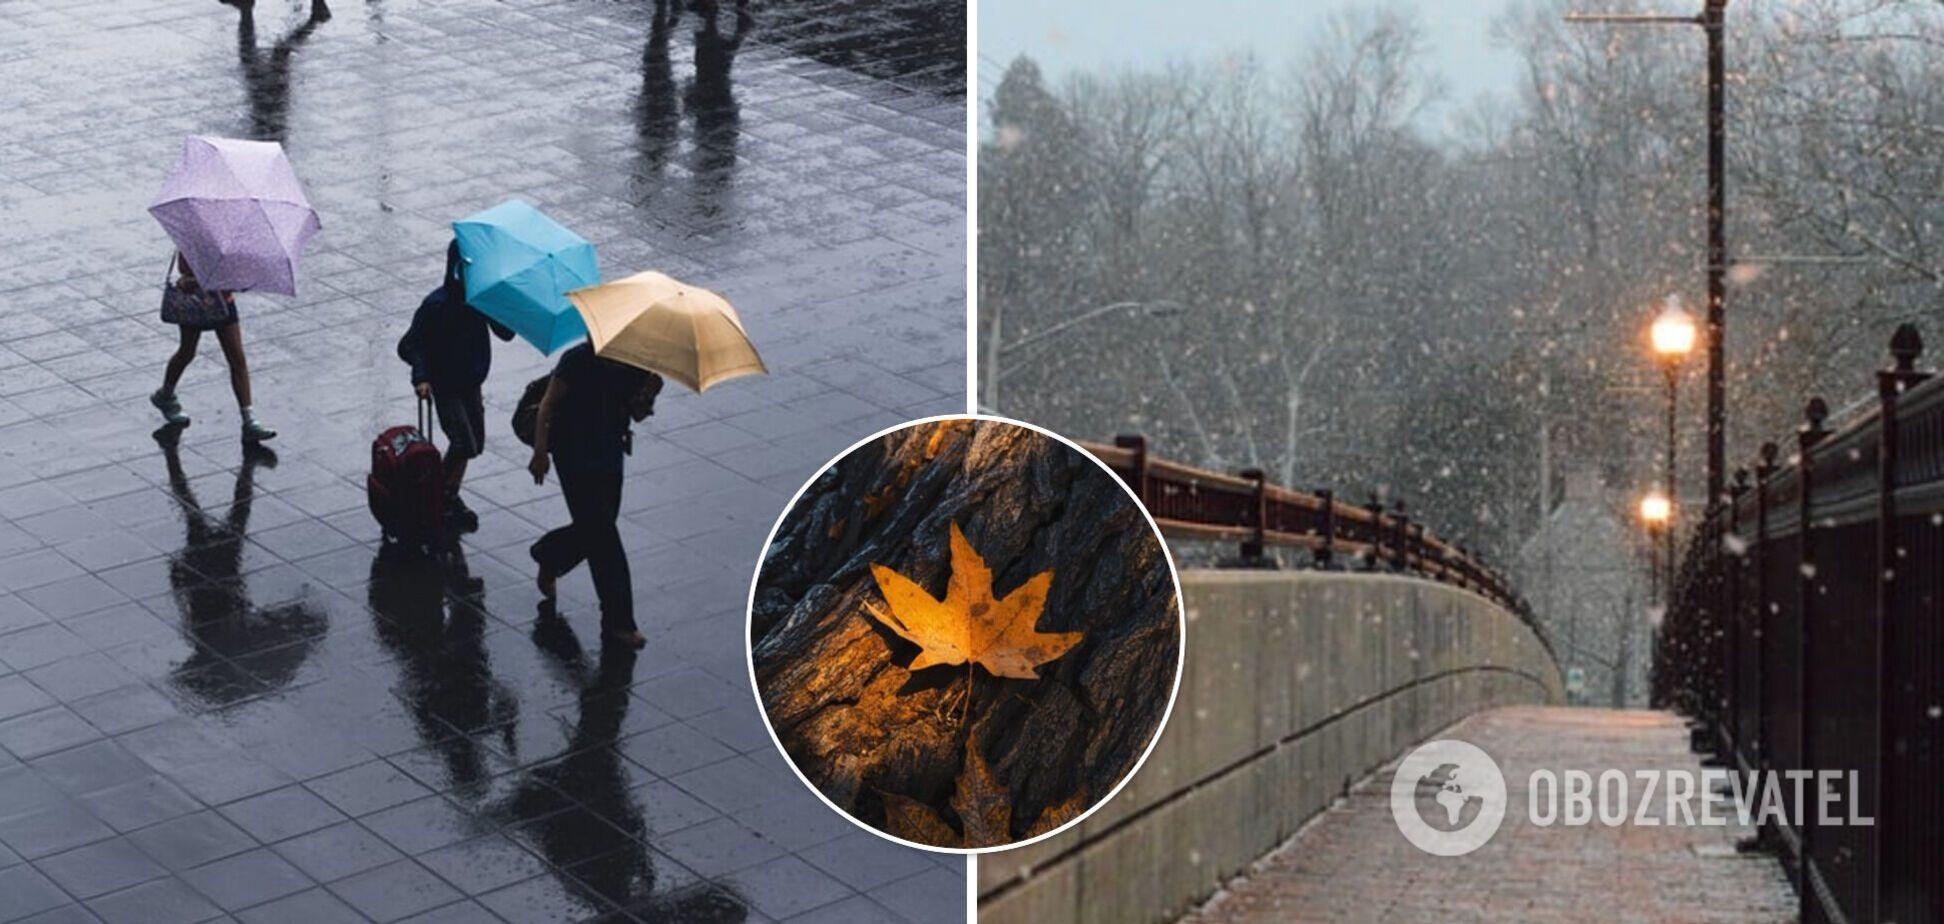 У листопаді вдарить мороз і випаде сніг: синоптик дав детальний прогноз на осінь в Україні